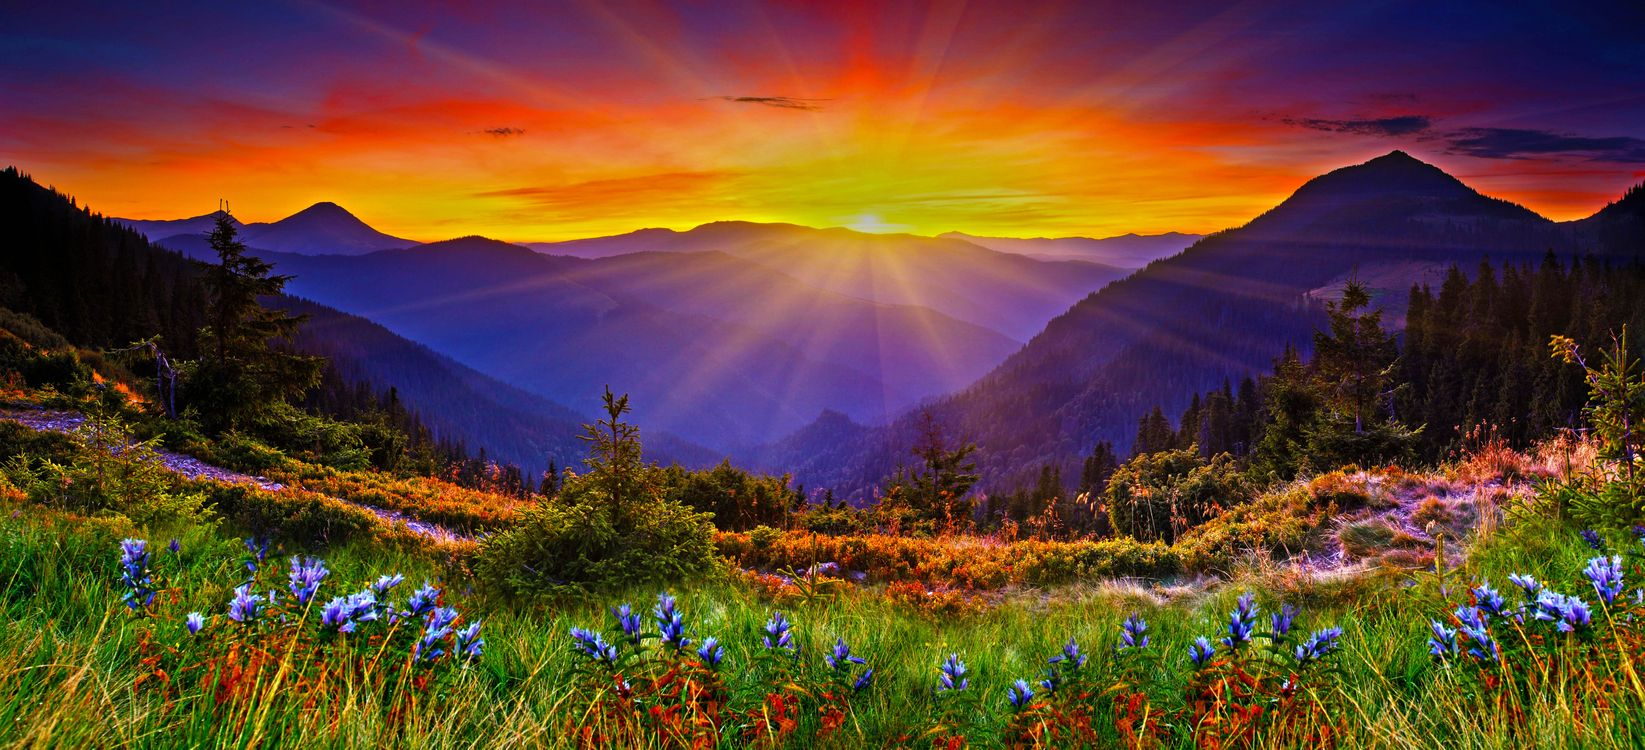 Фото бесплатно закат, горы, деревья, цветы, панорама, пейзаж, пейзажи